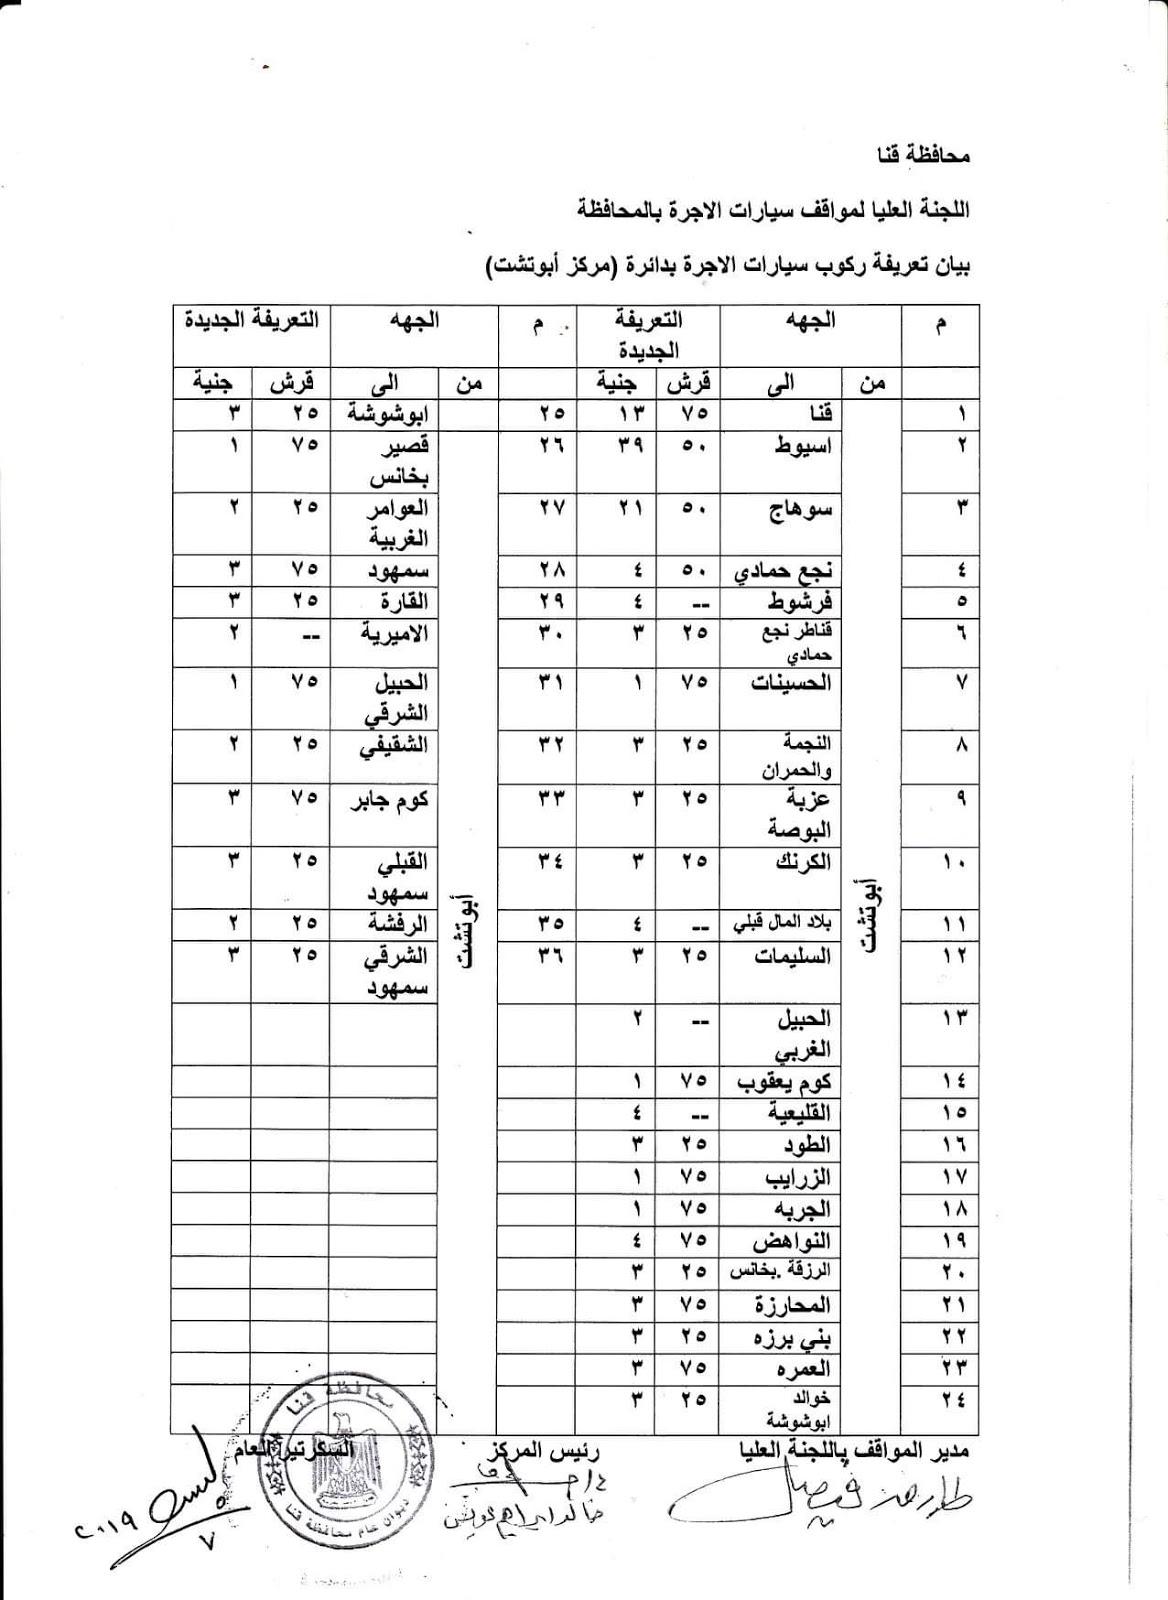 ننشر التعريفه الجديده للمواصلات داخل وبين المدن المصرية بعد زياده اسعار الوقود بجميع المحافظات FB_IMG_1562341644720